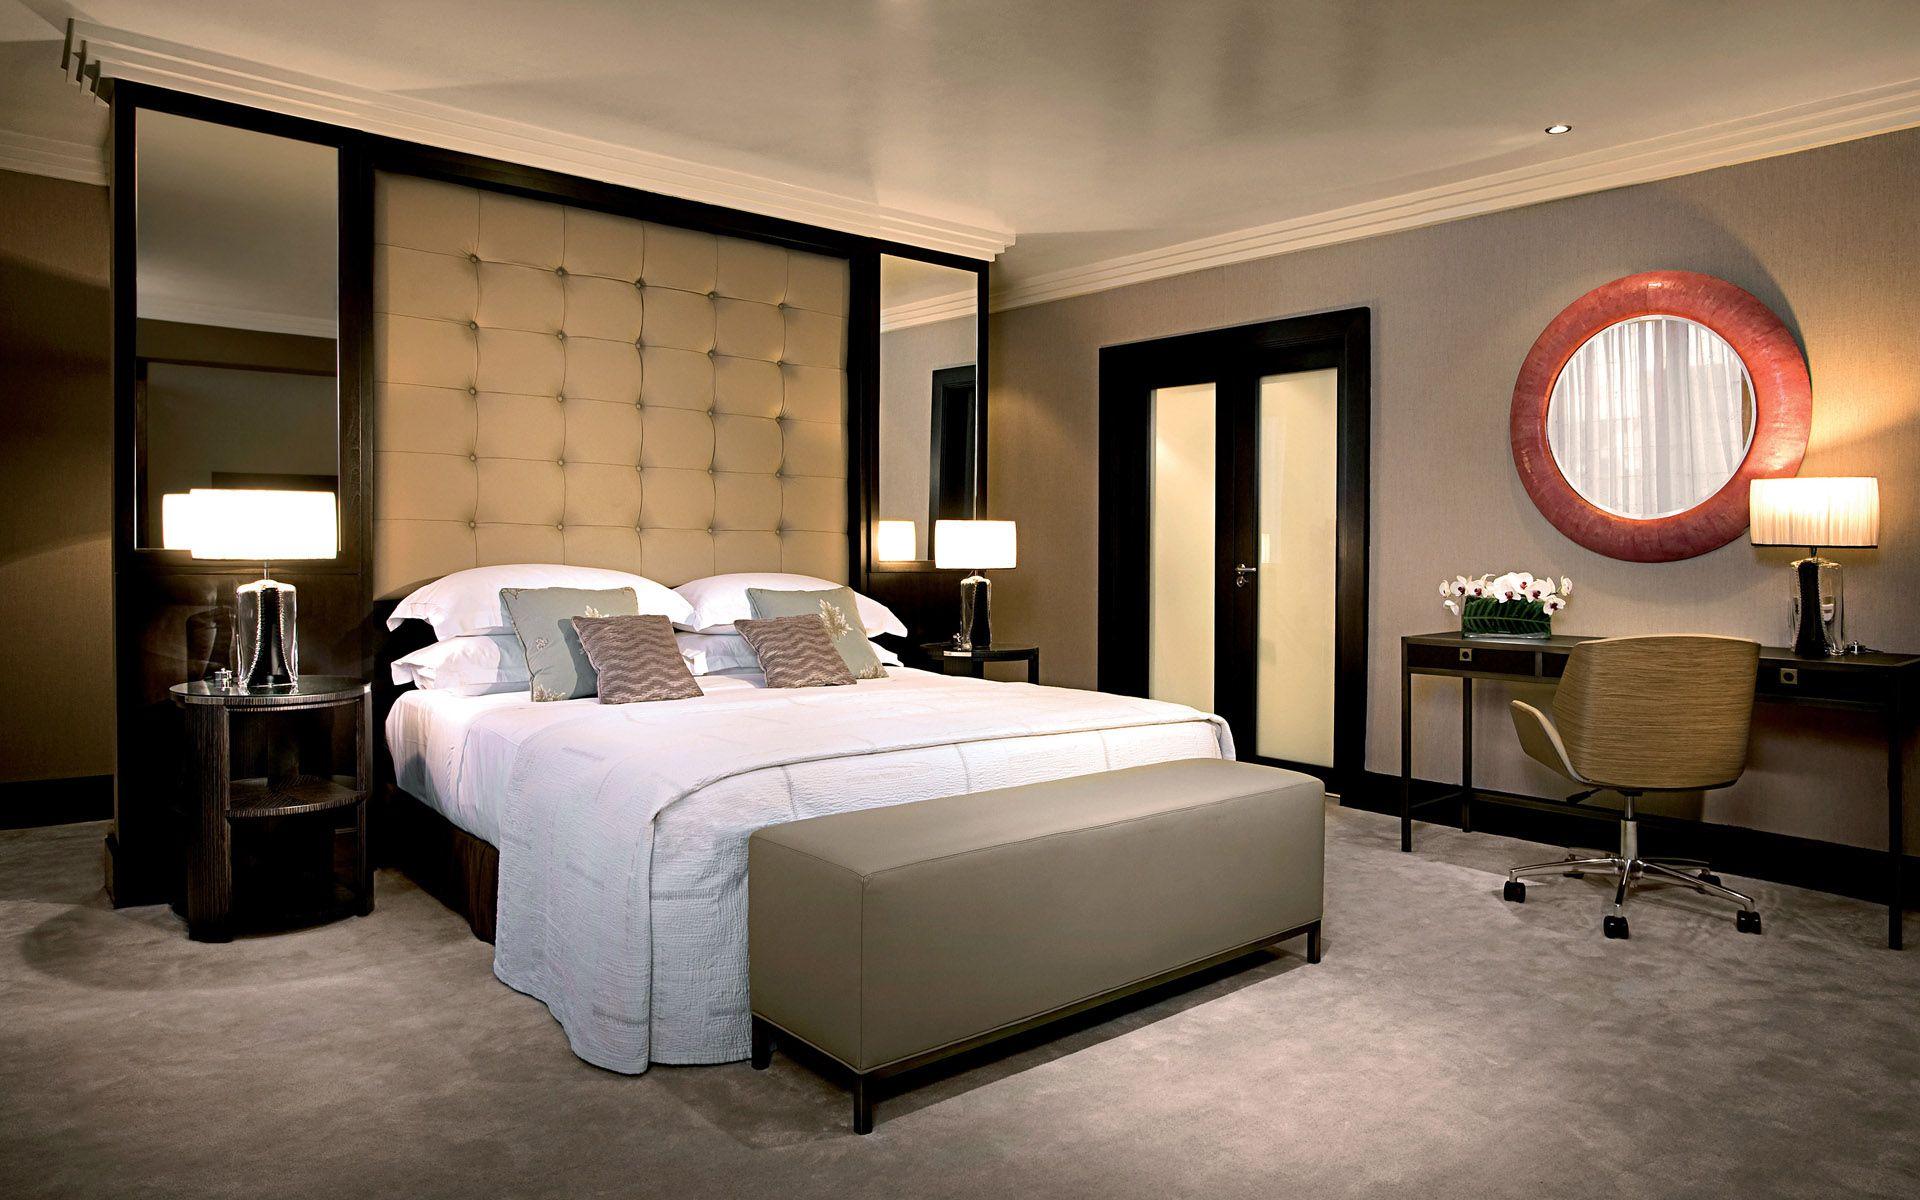 Комната спальня фотографии